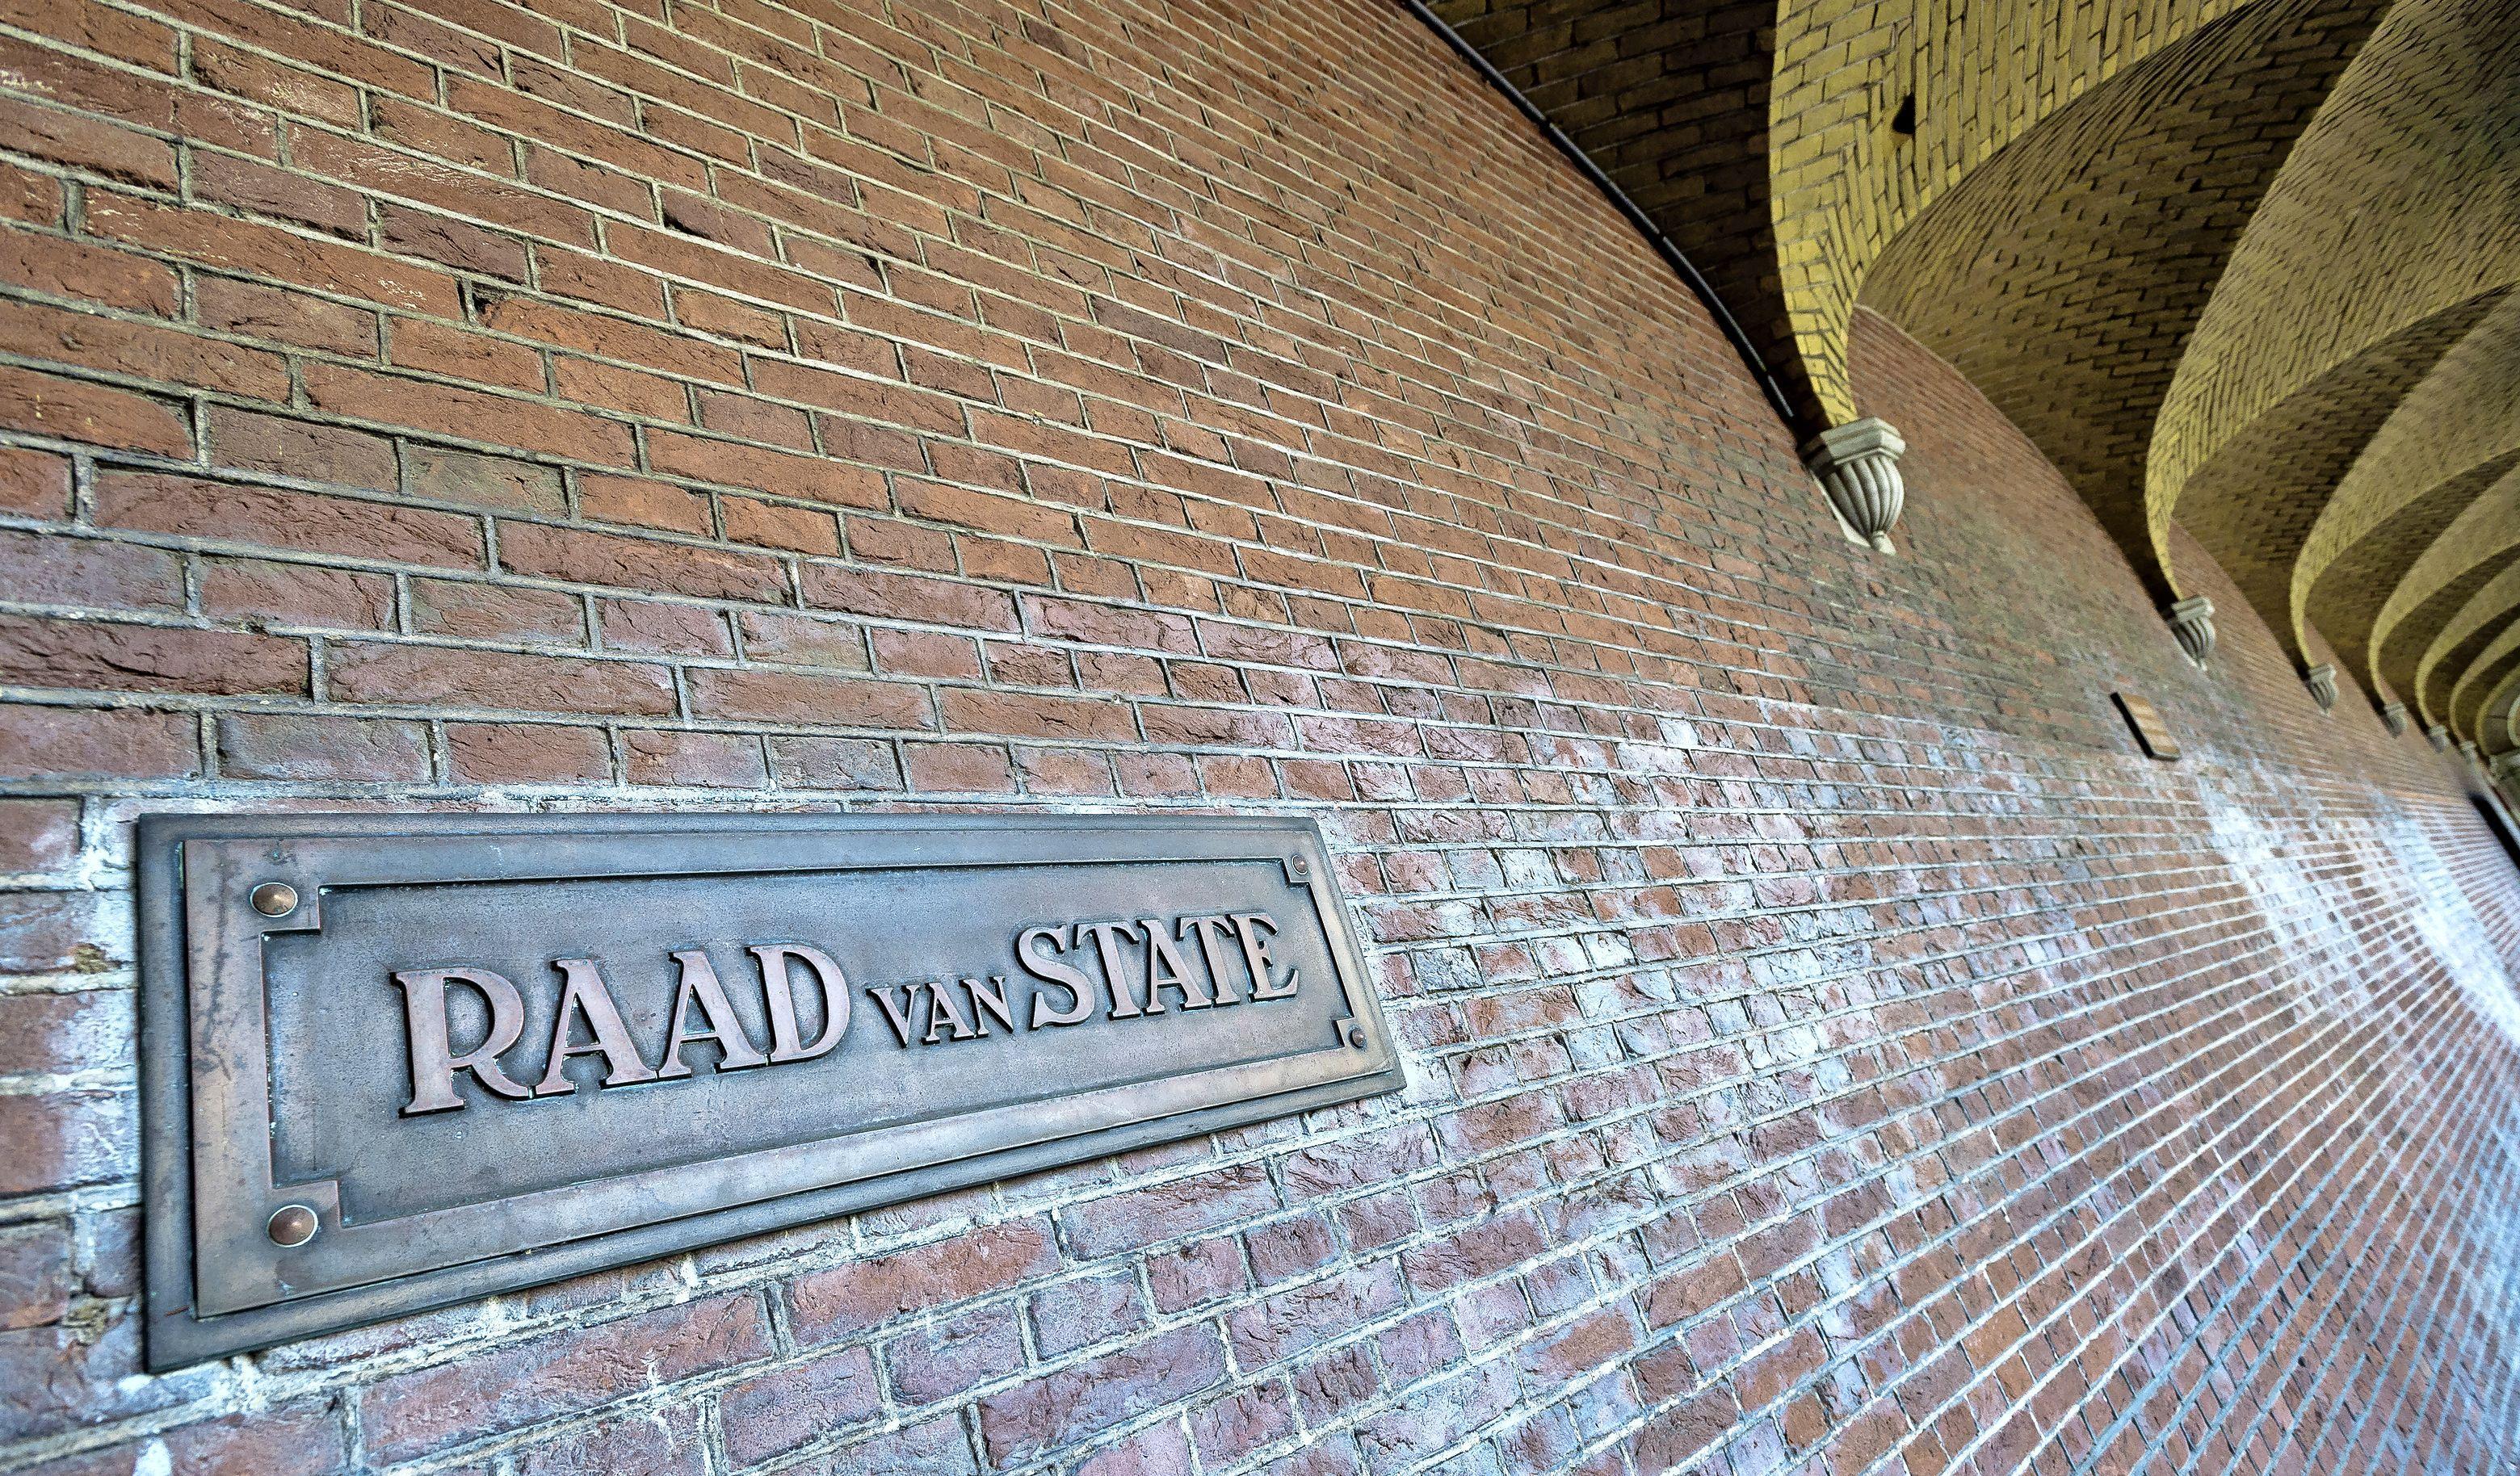 Leiderdorper wint beroep tegen door burgemeester opgelegd huisverbod